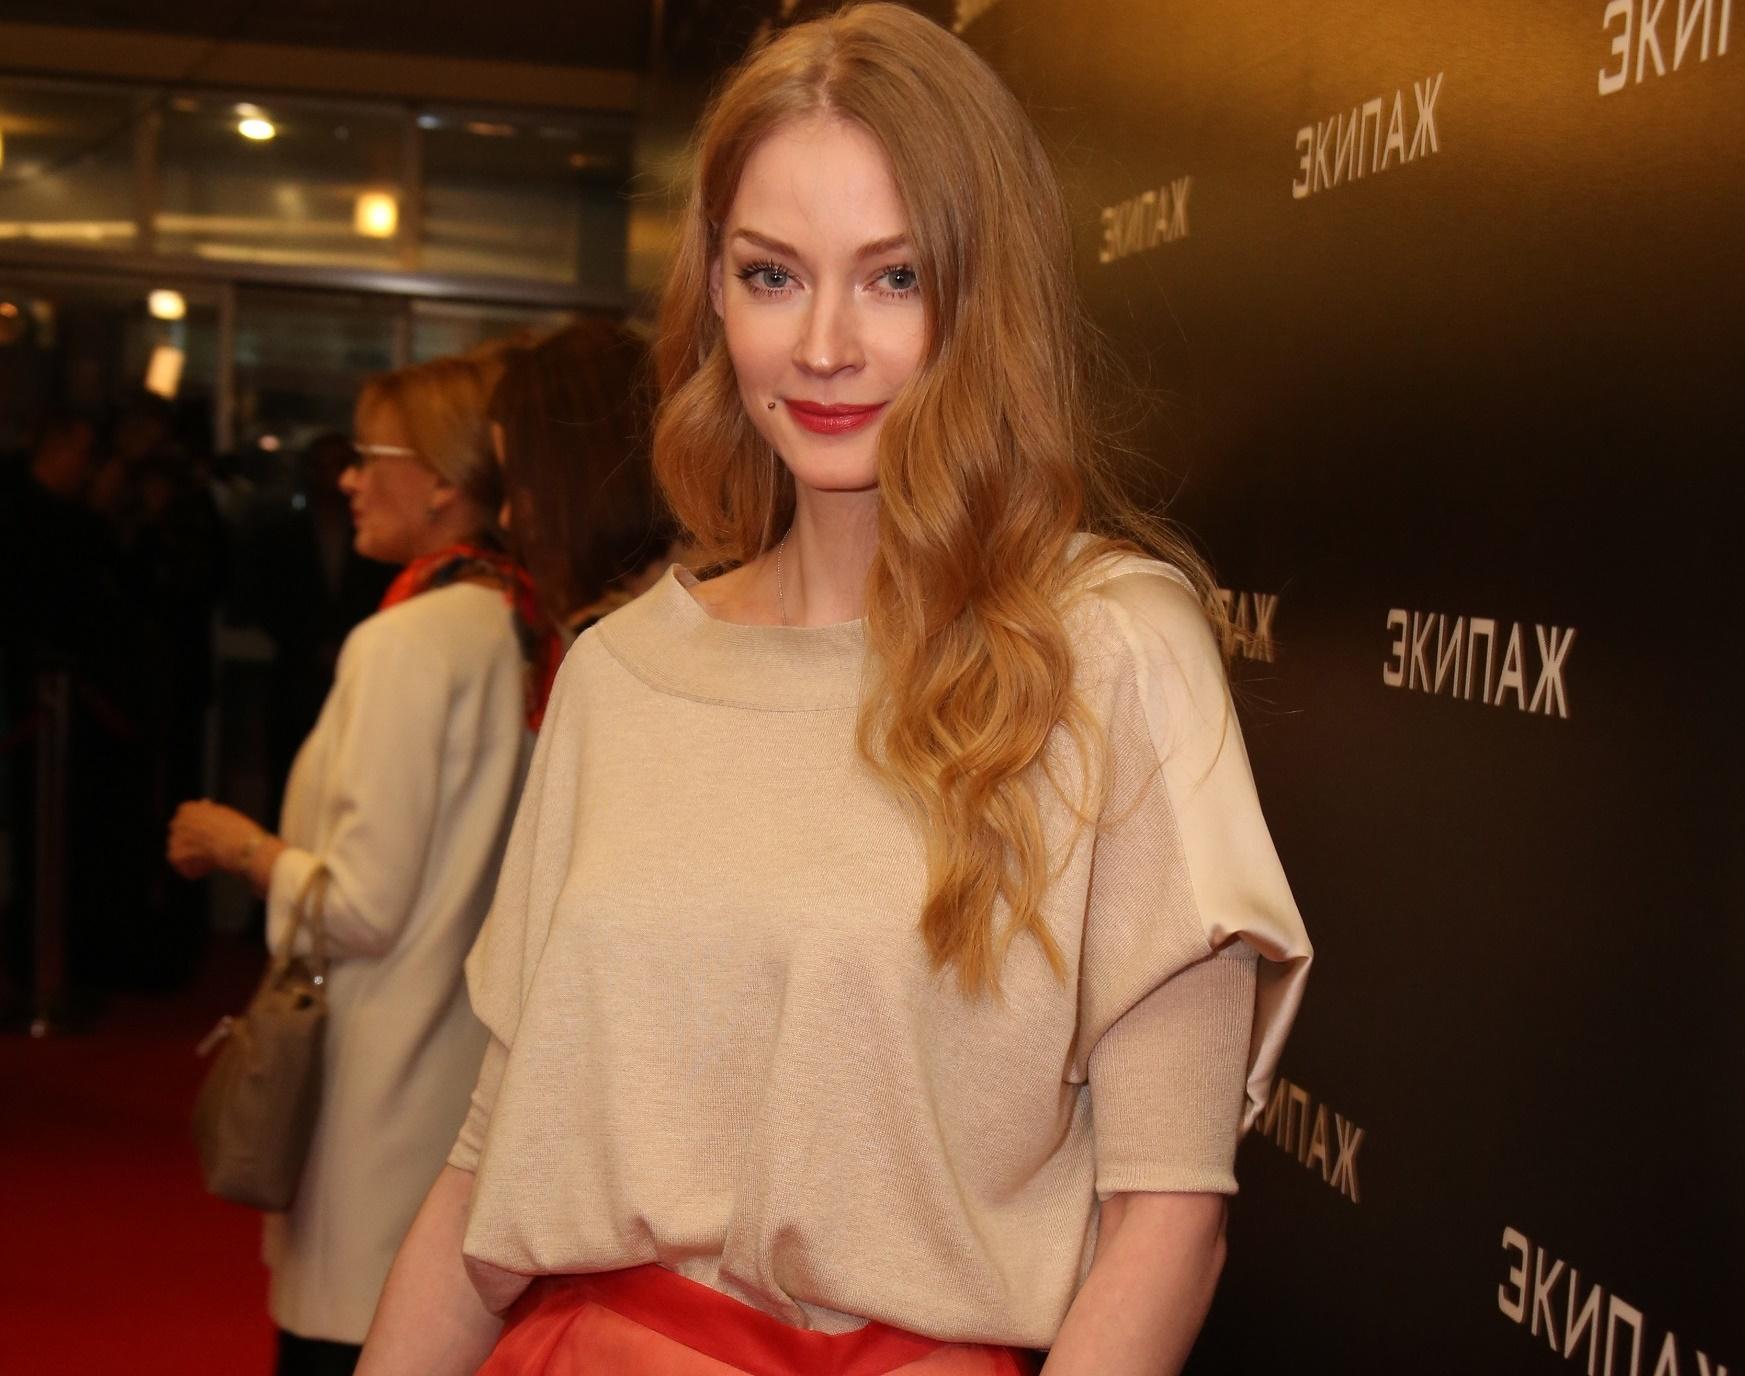 Светлана Ходченкова выбрала стильный комплект для красной дорожки